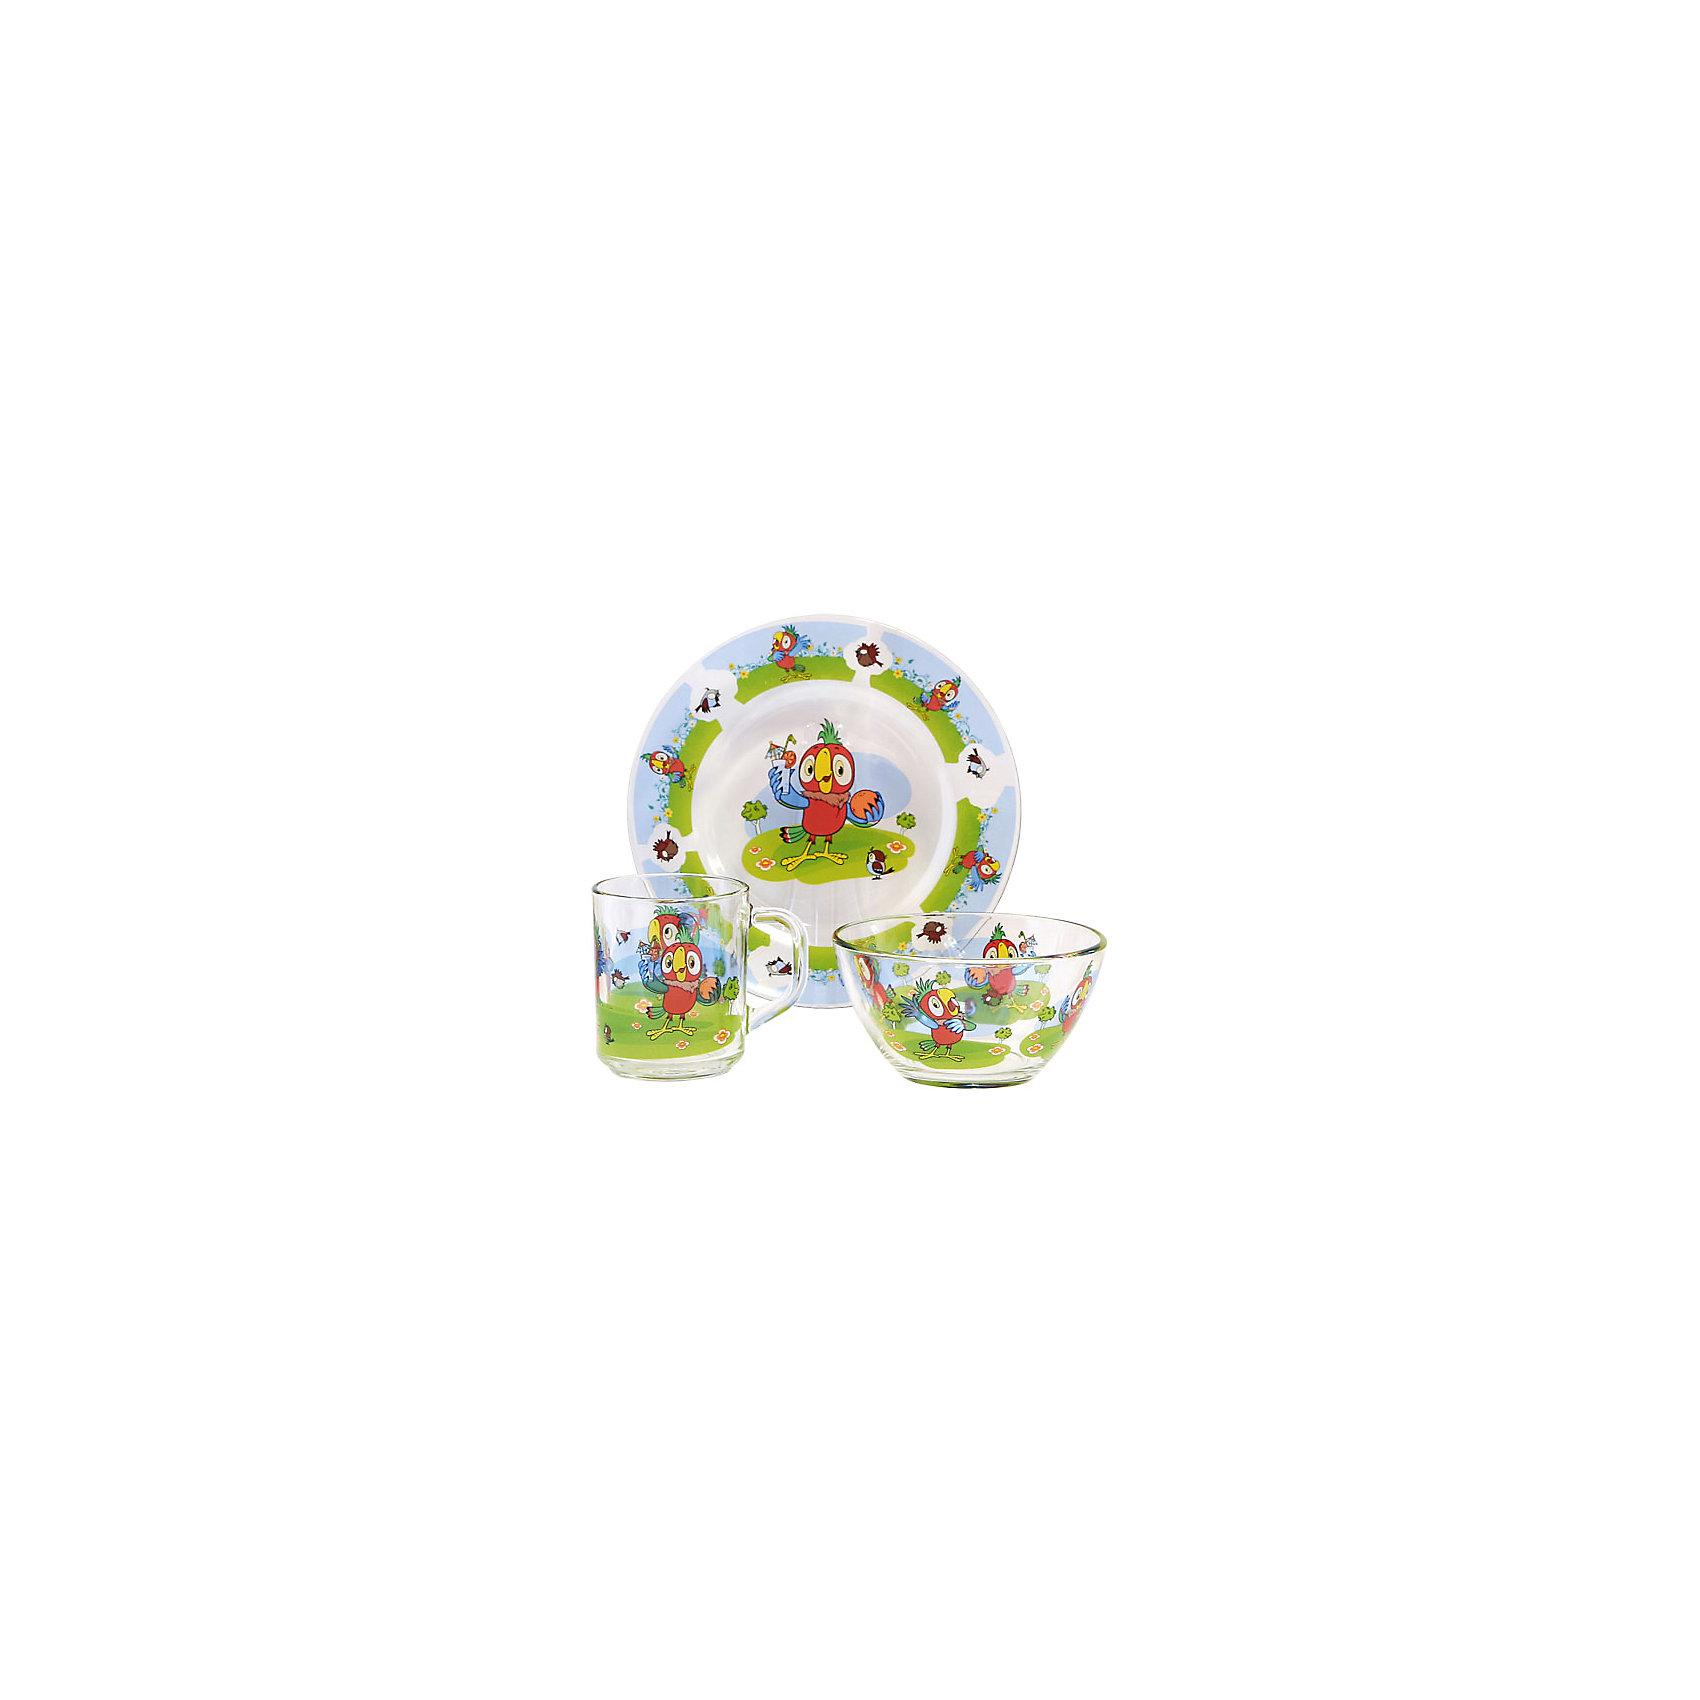 Набор посуды Попугай Кеша (стекло, 3 предмета)Завтракать, обедать, ужинать с любимыми героями - приятнее и вкуснее! Набор посуды с изображением культовых и всем известных персонажей студии Союзмультфильм обязательно понравится детям! Набор состоит из кружки, плоской тарелки и салатника. Кружка среднего размера идеально подойдет для детских рук. Посуда выполнена из ударопрочного стекла, раскрашена стойкими гипоаллергенными красителями безопасными для детей. Яркий набор посуды станет прекрасным подарком на любой праздник. <br><br>Дополнительная информация:<br><br>- Материал: стекло.<br>- Комплектация, 3 предмета: кружка, салатник, плоская тарелка. <br>- Размер: салатник, d - 13 см, тарелка, d - 20 см.<br>- Объем кружки: 200 мл.<br>- Размер упаковки: 20х20х10 см.<br>- Можно мыть в посудомоечной машине.<br><br>Набор посуды Попугай Кеша (стекло, 3 предмета), можно купить в нашем магазине.<br><br>Ширина мм: 200<br>Глубина мм: 200<br>Высота мм: 95<br>Вес г: 930<br>Возраст от месяцев: 36<br>Возраст до месяцев: 108<br>Пол: Унисекс<br>Возраст: Детский<br>SKU: 4536285